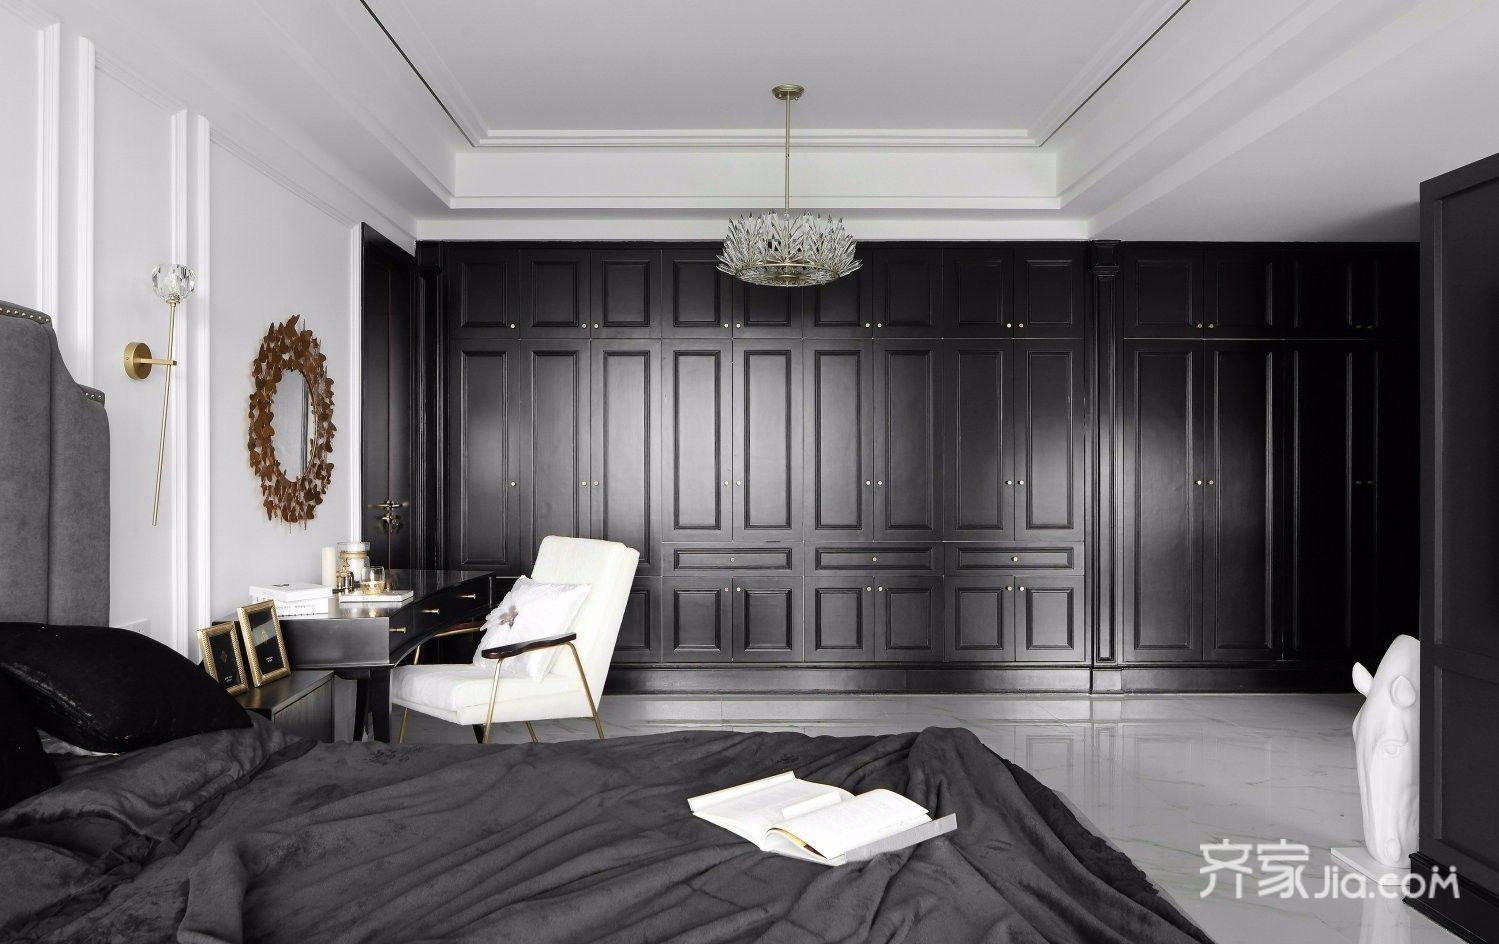 现代轻奢黑白经典风卧室装修效果图